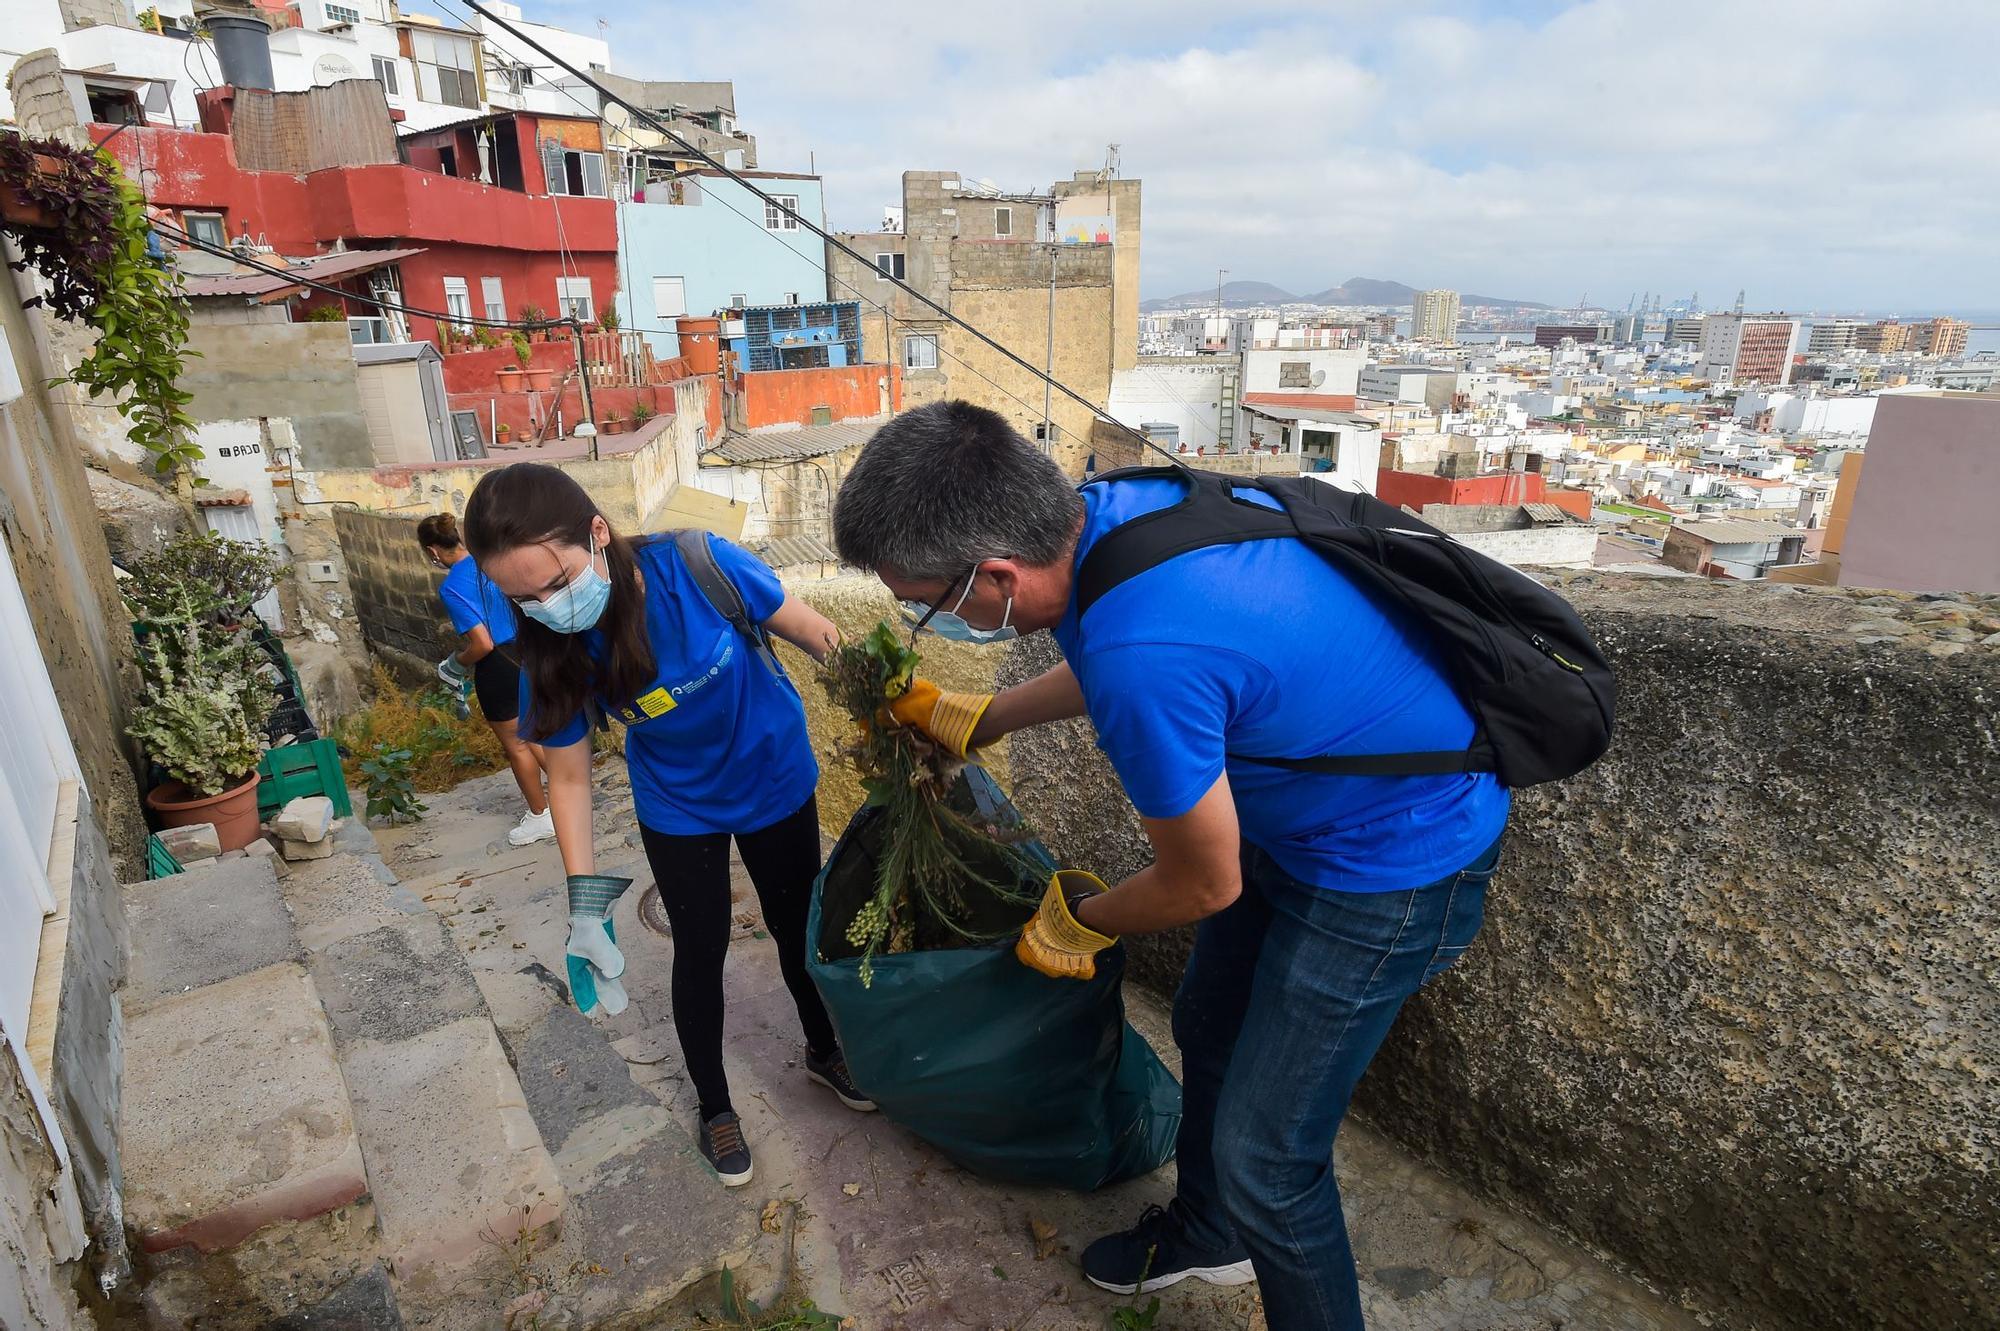 Alumnos de la ULPGC participan en las tareas de limpieza y embellecimiento en El Risco